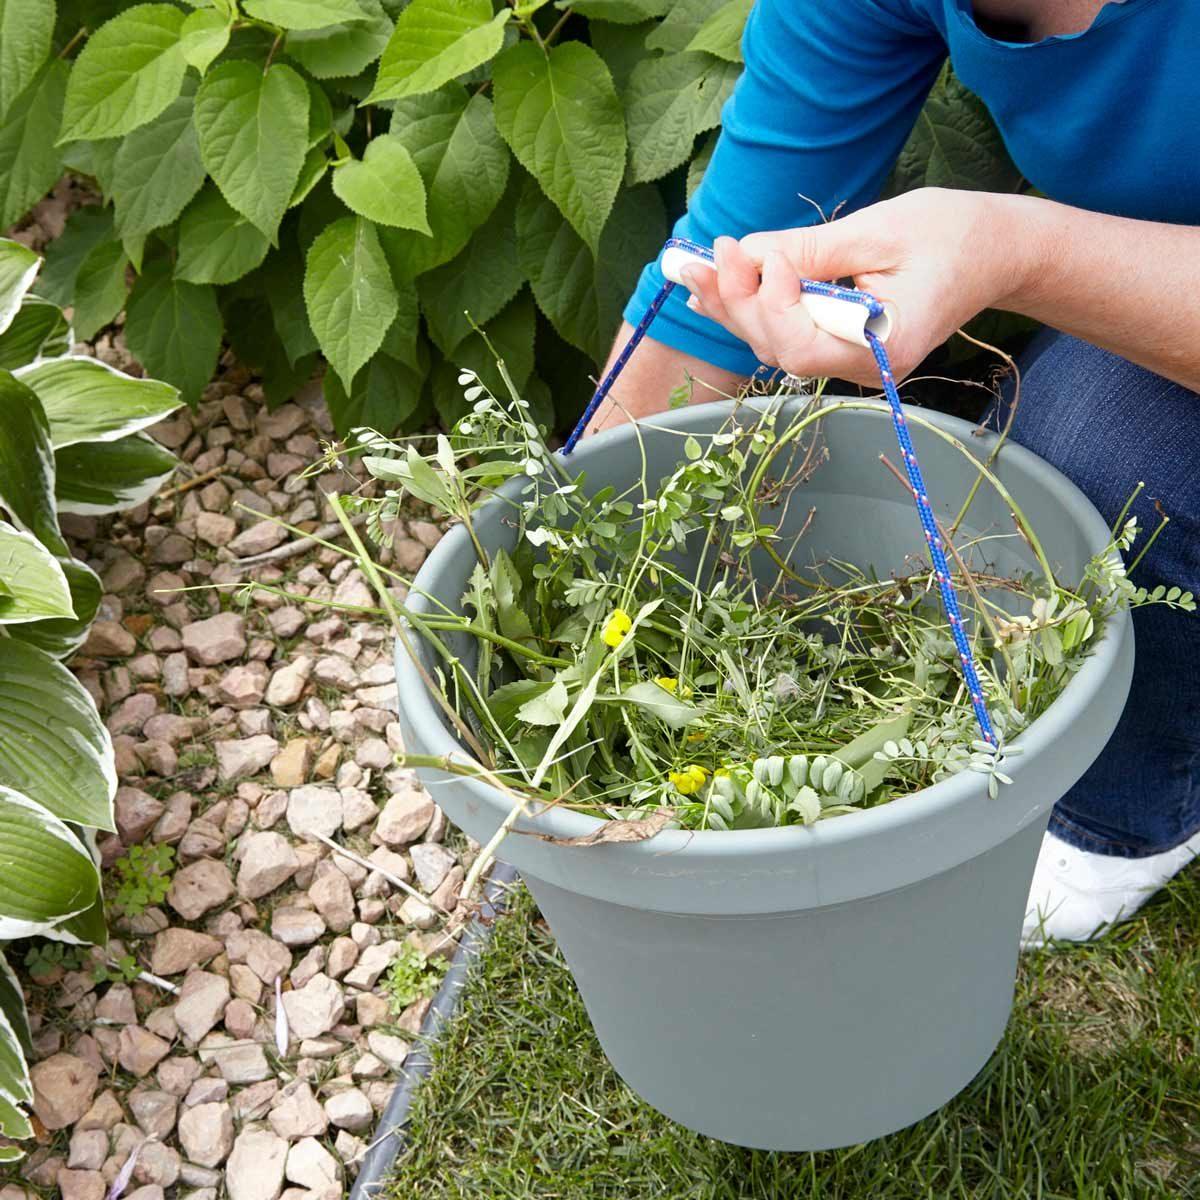 HH gardening weeding